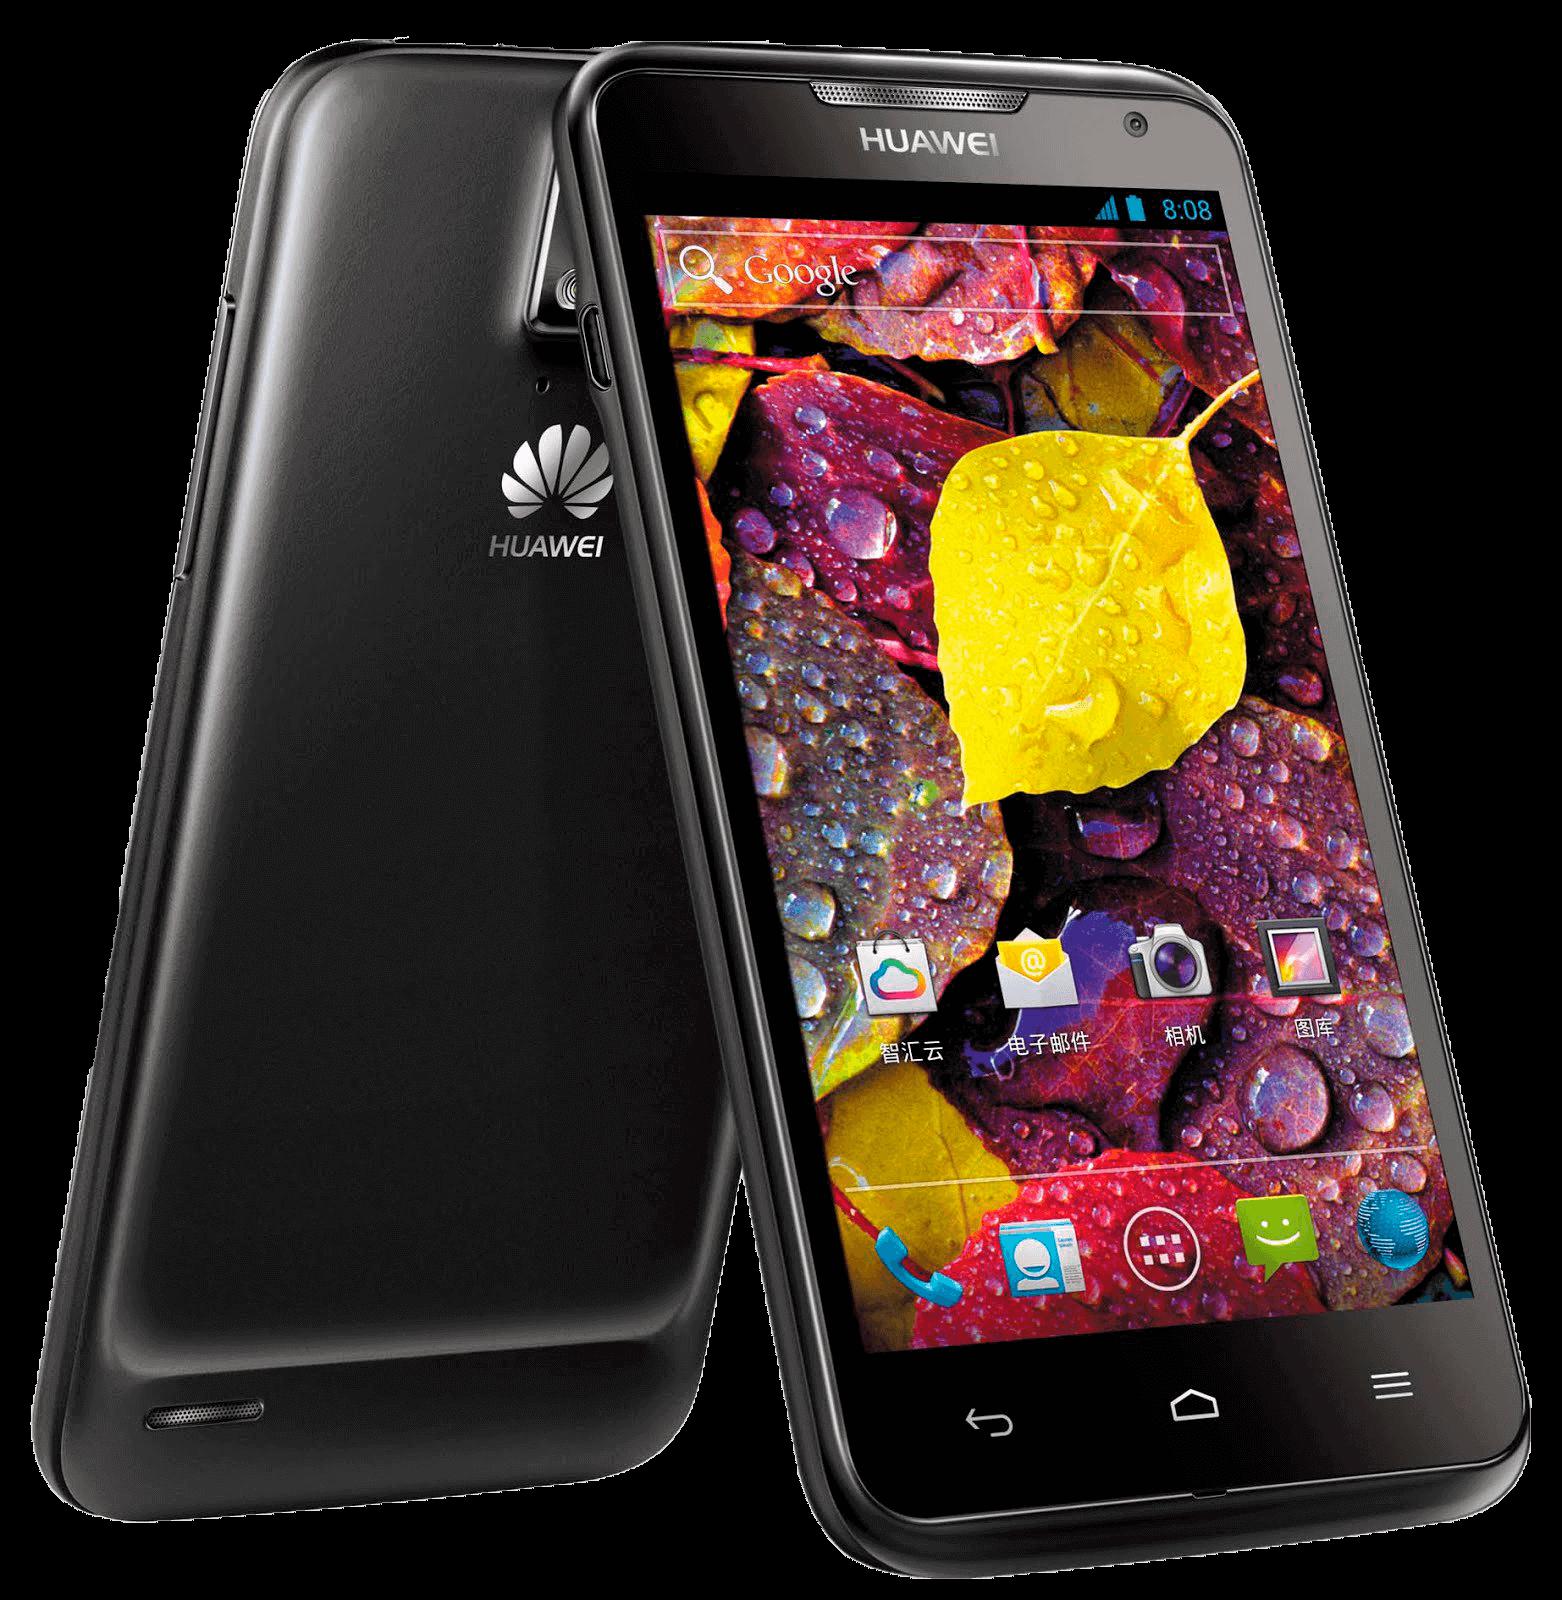 Ремонт смартфона Huawei Ascend d1